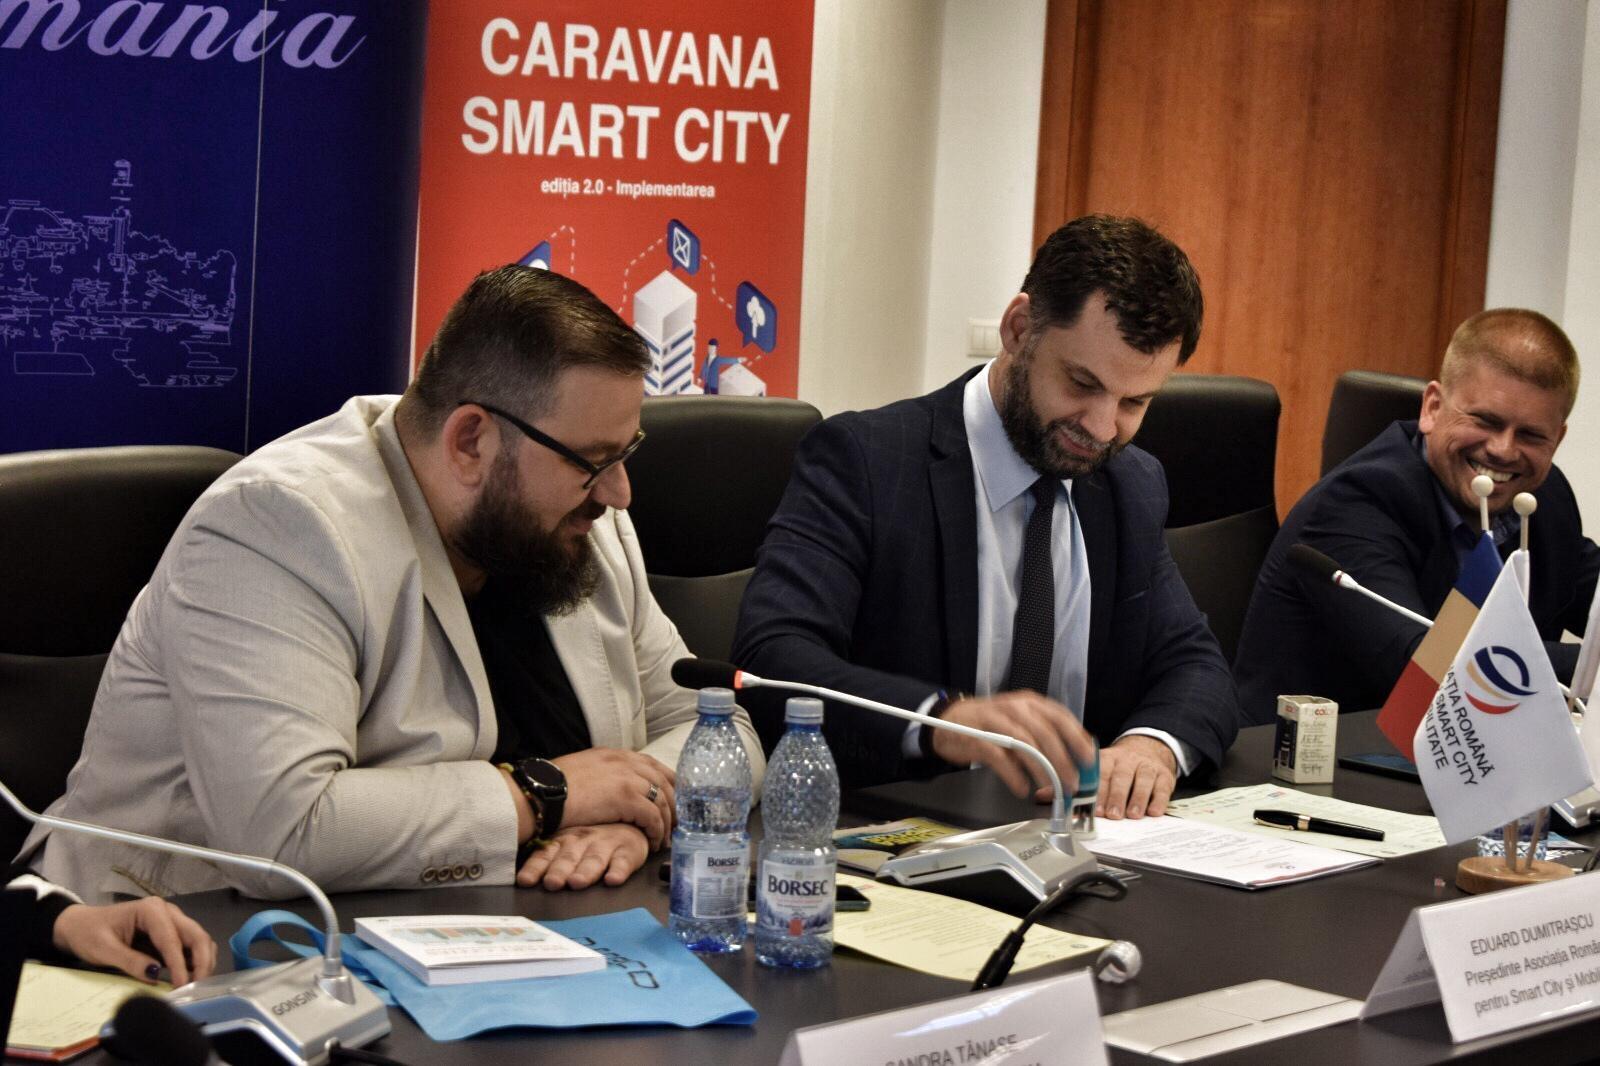 Primaria Municipiului Ploiesti a anuntat in Caravana Smart City dezvoltarea mai multor proiecte pilot